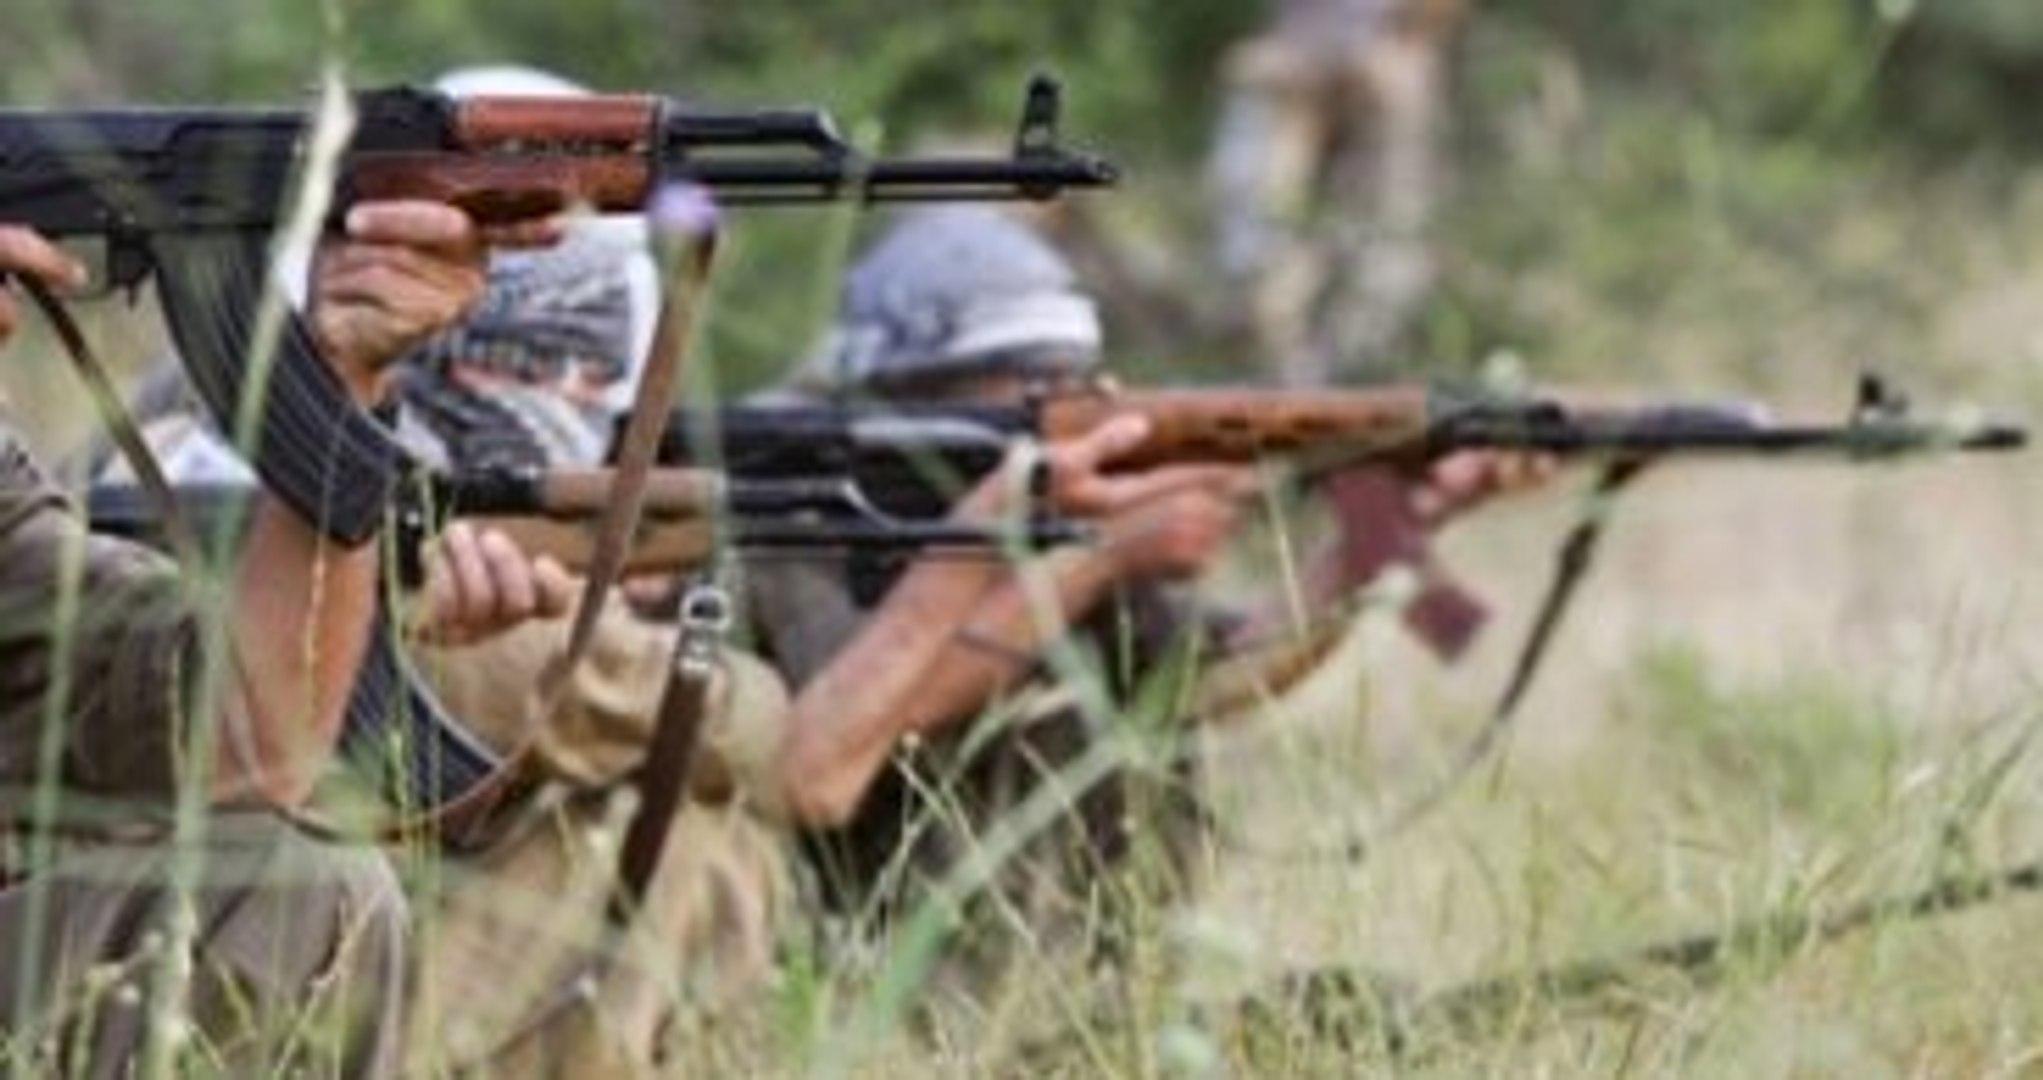 Son Dakika! Hakkari'den Acı Haber Geldi: 1 Şehit, 5 Asker Yaralı